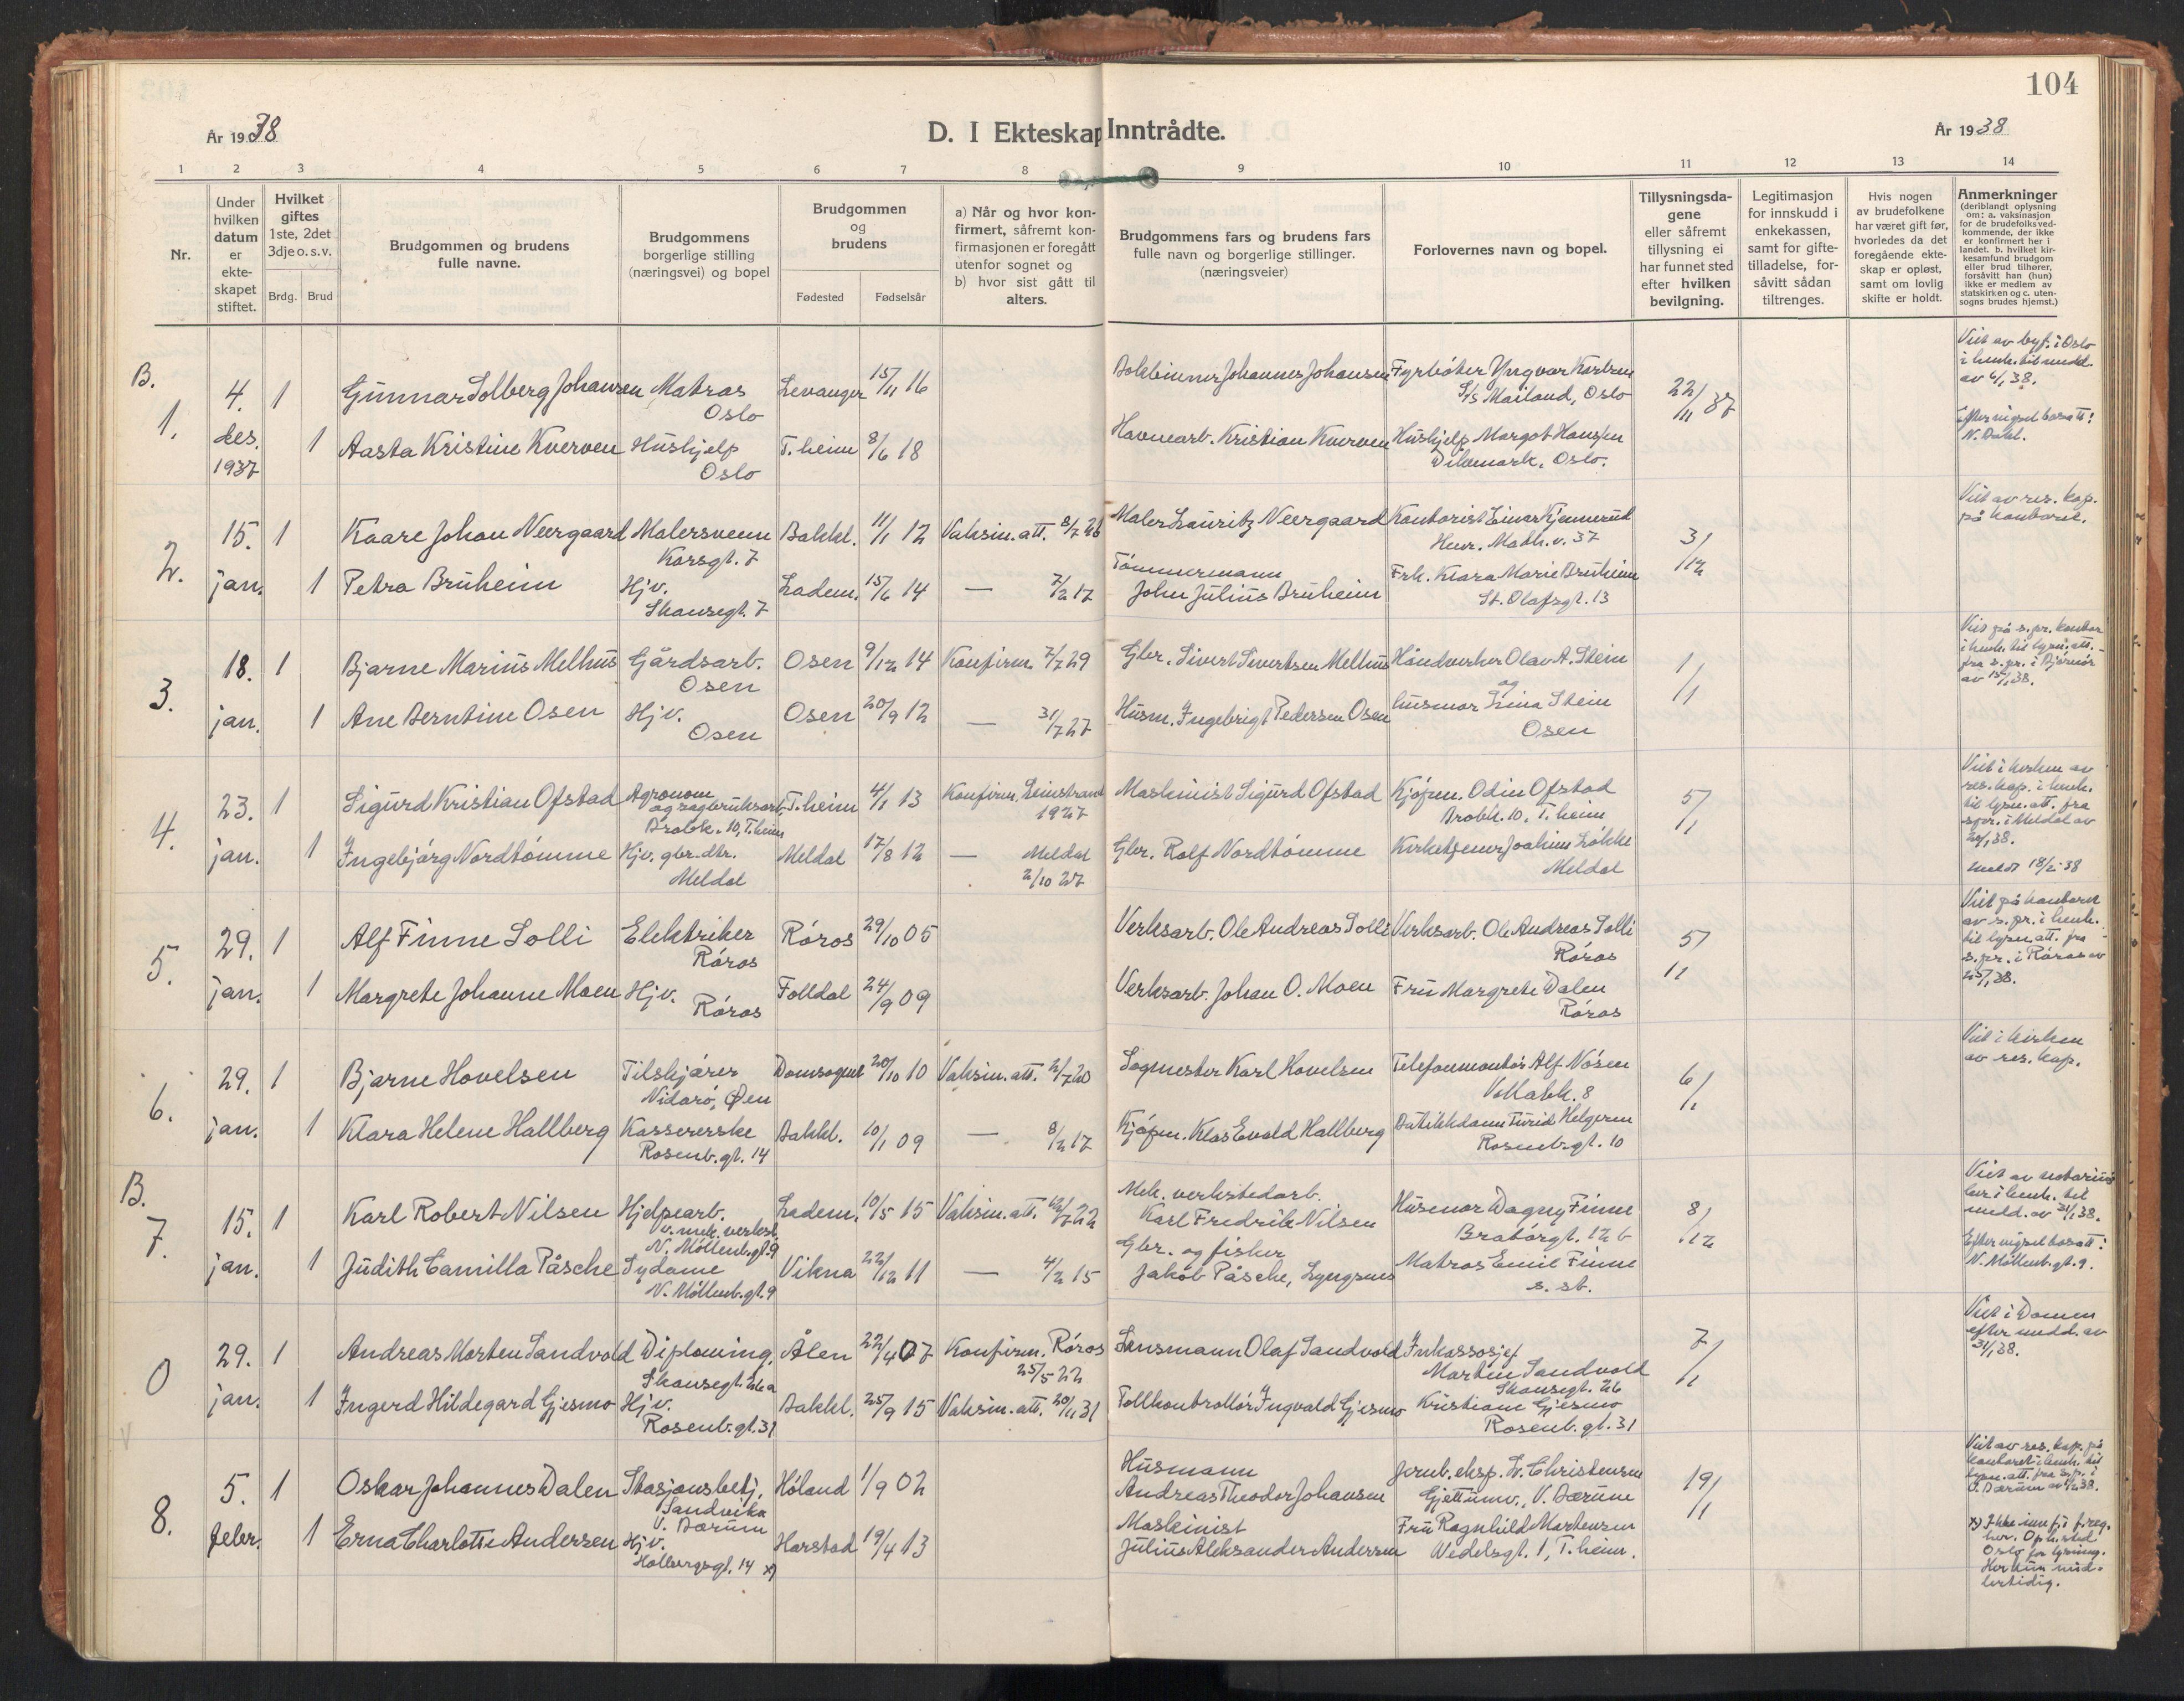 SAT, Ministerialprotokoller, klokkerbøker og fødselsregistre - Sør-Trøndelag, 604/L0209: Ministerialbok nr. 604A29, 1931-1945, s. 104